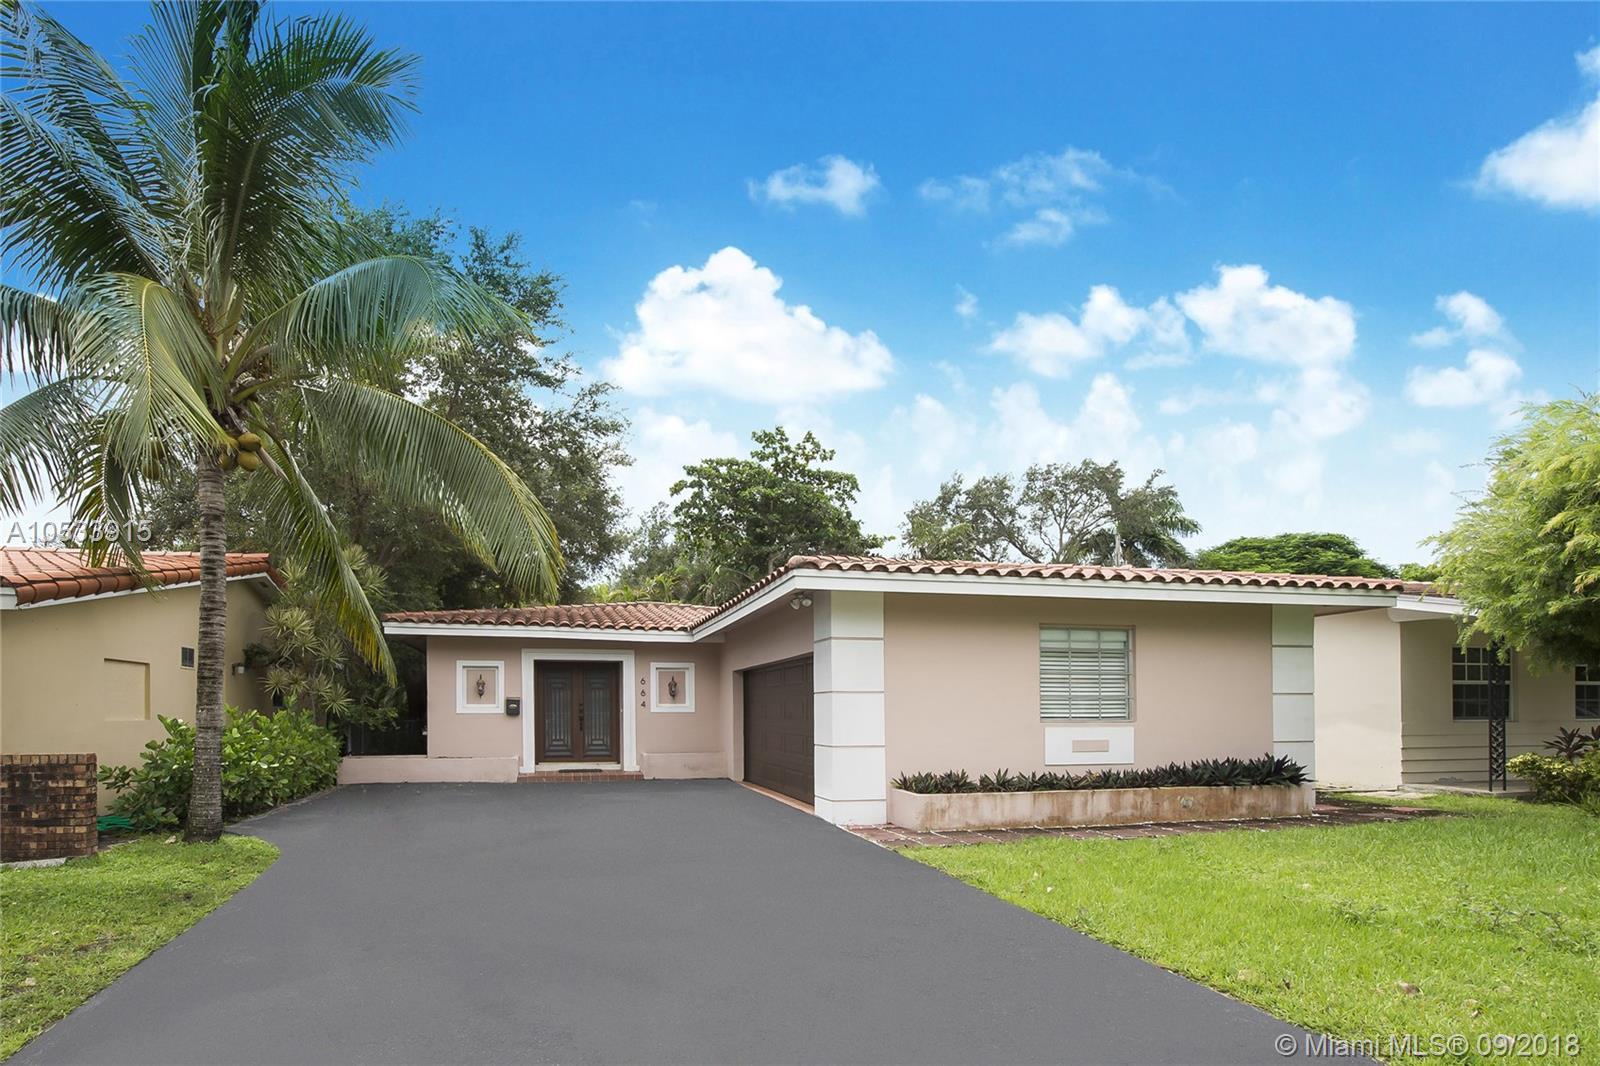 664 Bird Rd., Coral Gables FL, 33146